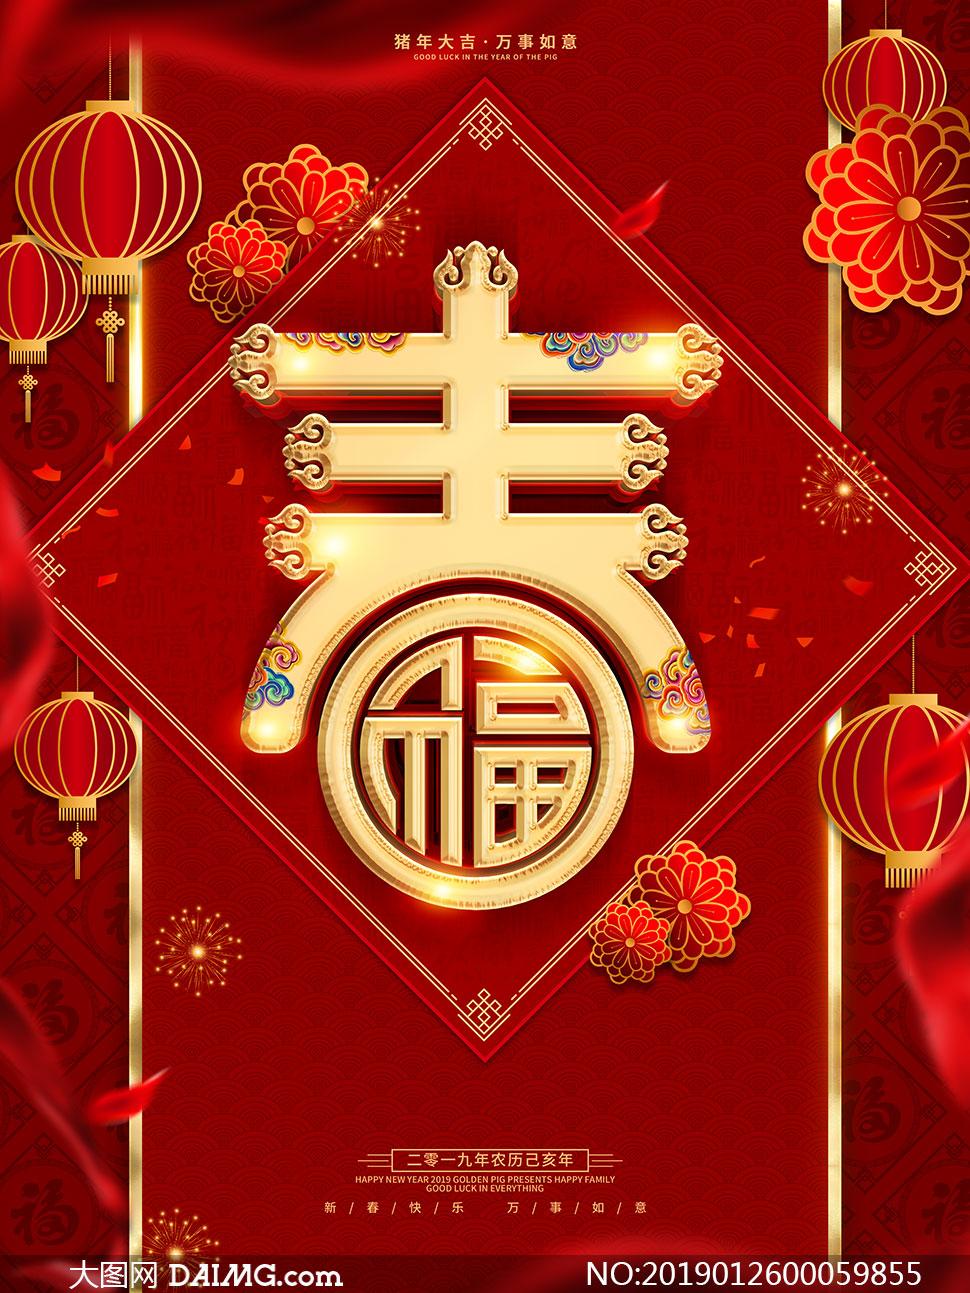 2019春节喜庆海报设计psd源文件 - 大图网素材daimg.